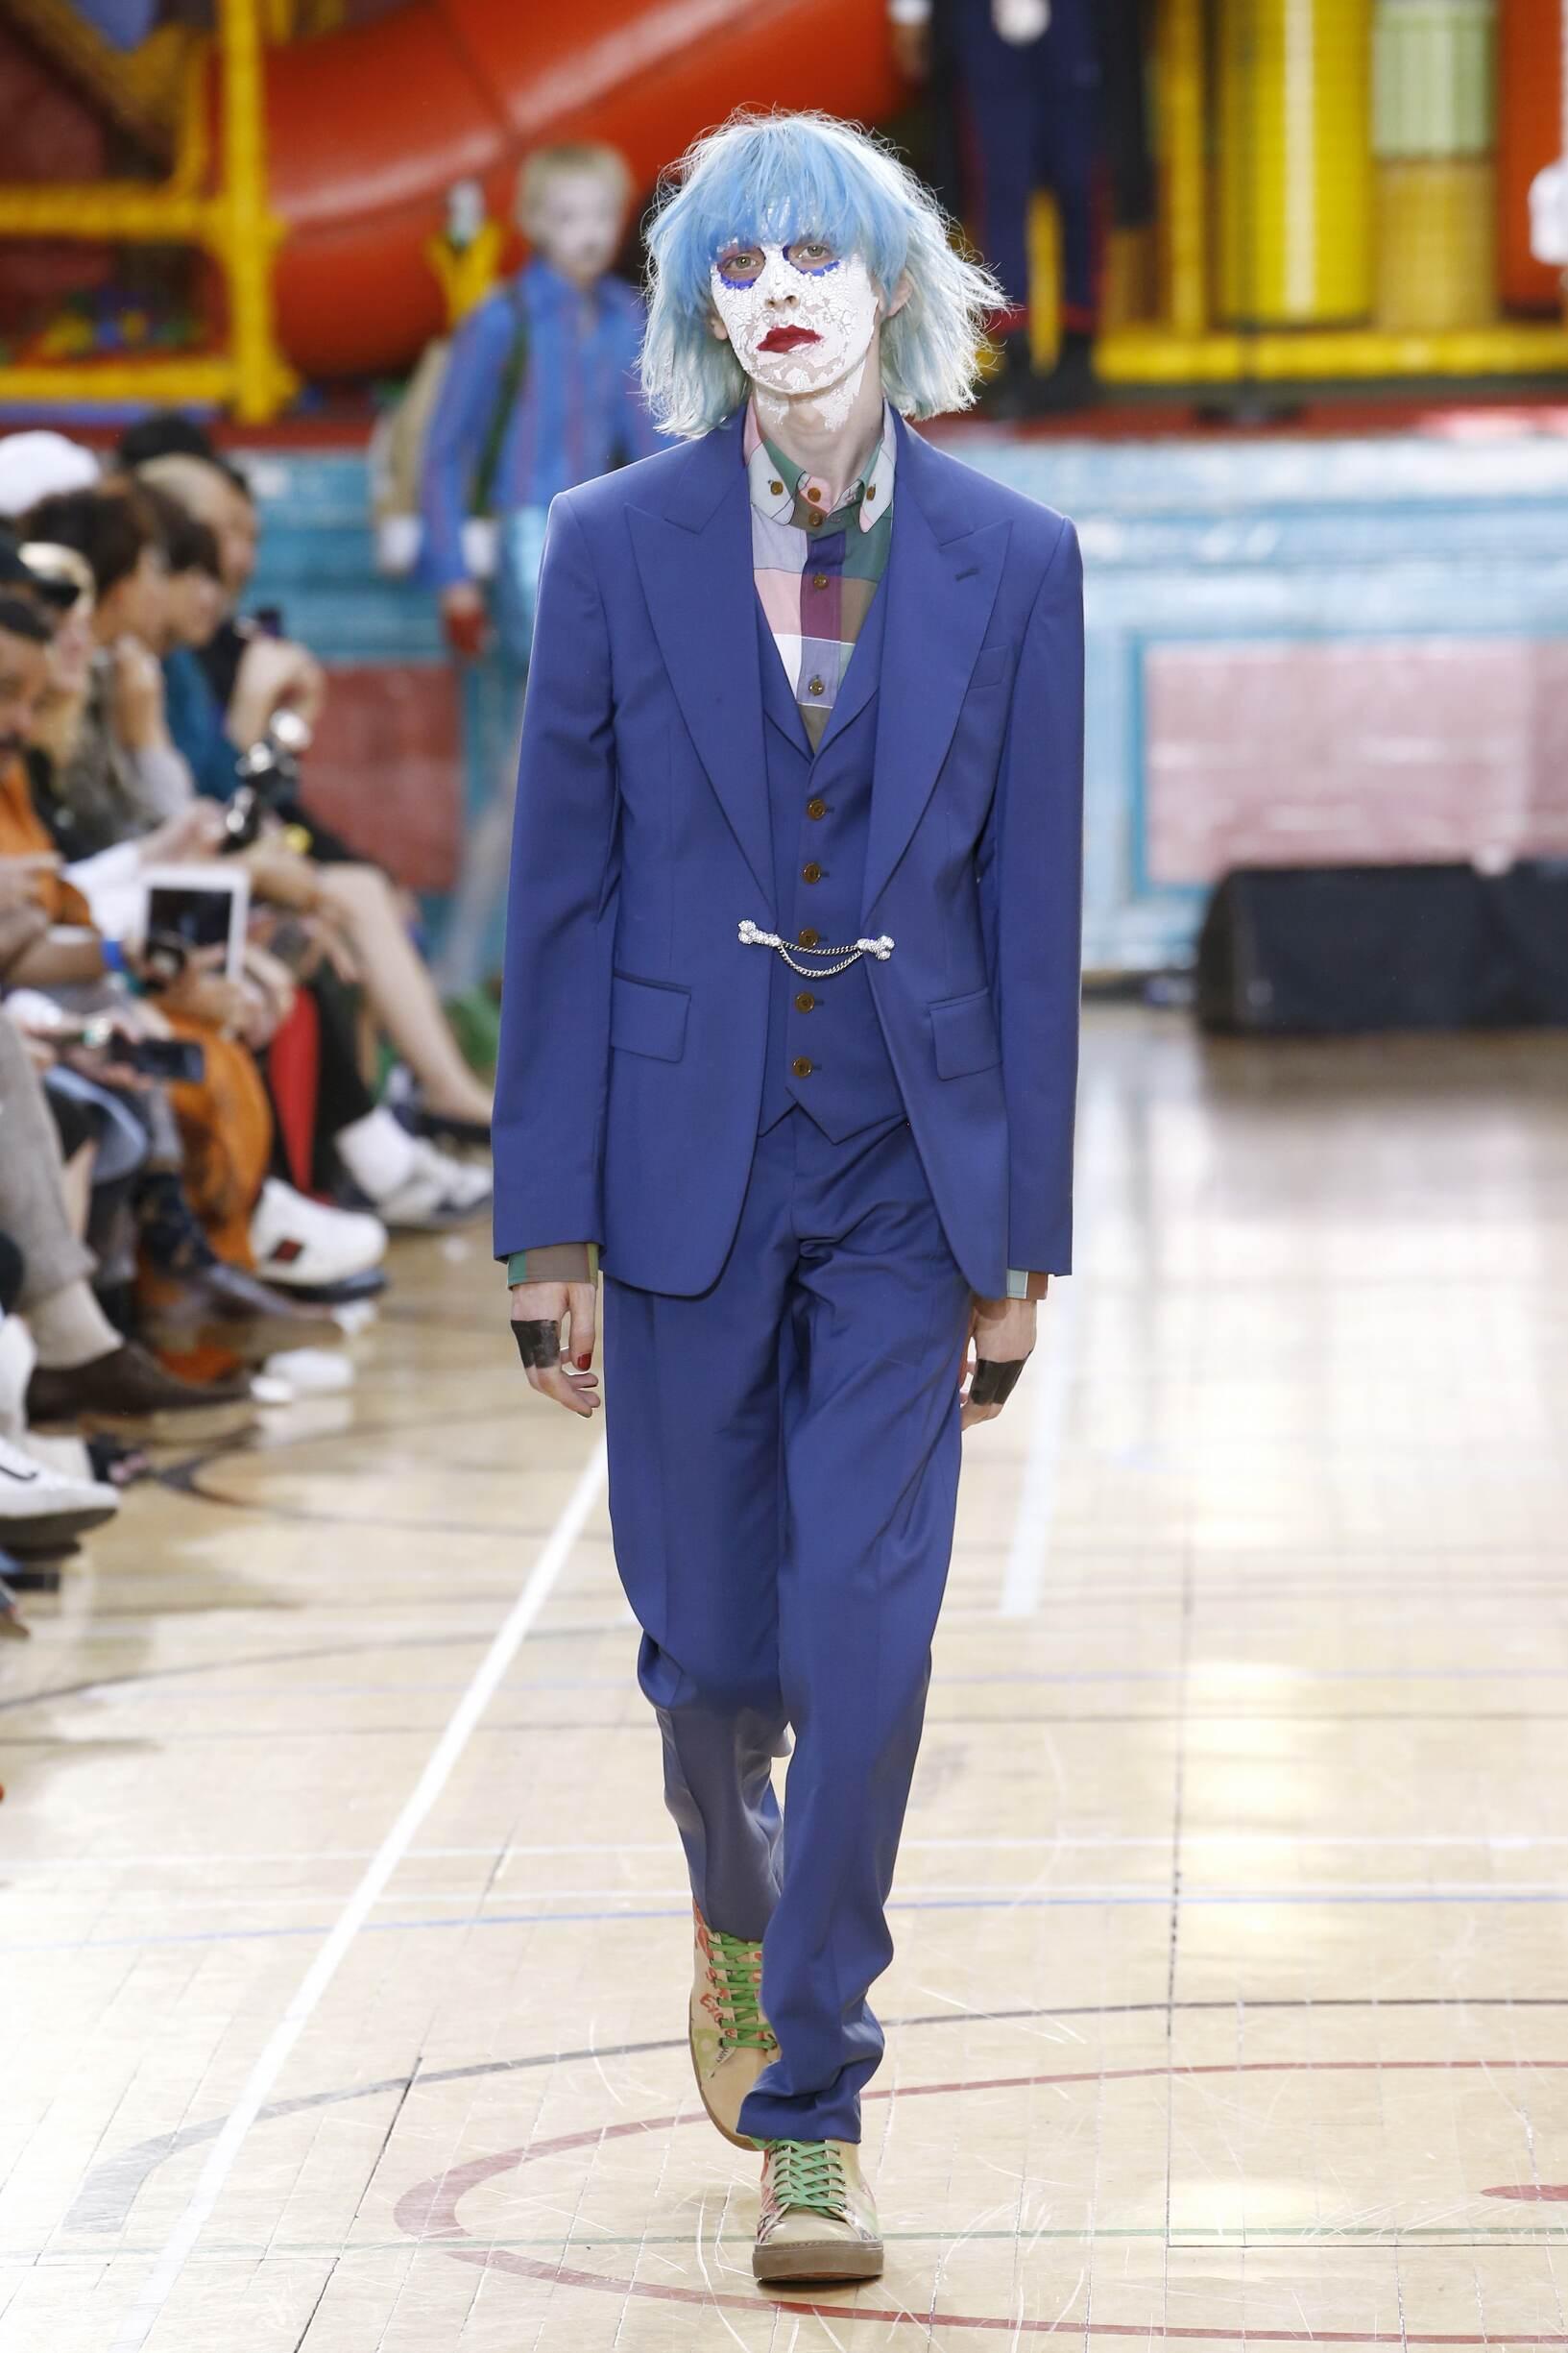 Catwalk Vivienne Westwood Man Fashion Show Summer 2018